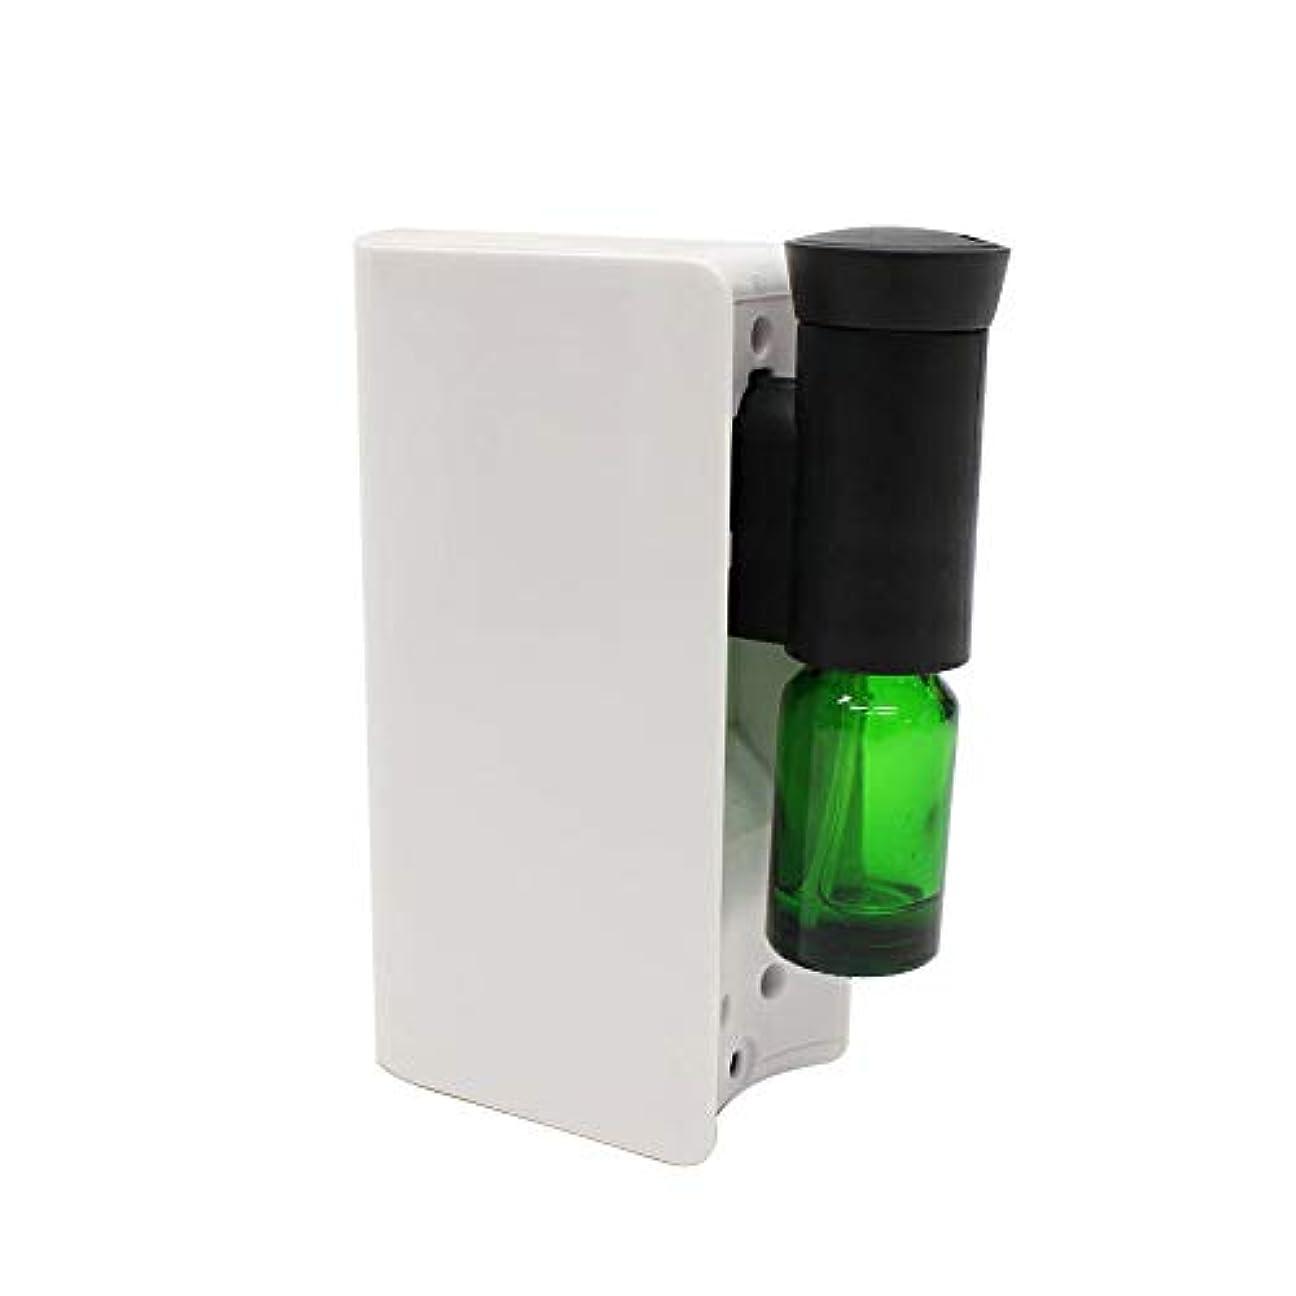 フォーマル食堂損傷アロマ ディフューザー 電池式アロマディフューザー 水を使わない ネブライザー式 アロマオイル対応 自動停止 ECOモード搭載 香り 癒し シンプル コンパクト ホワイト